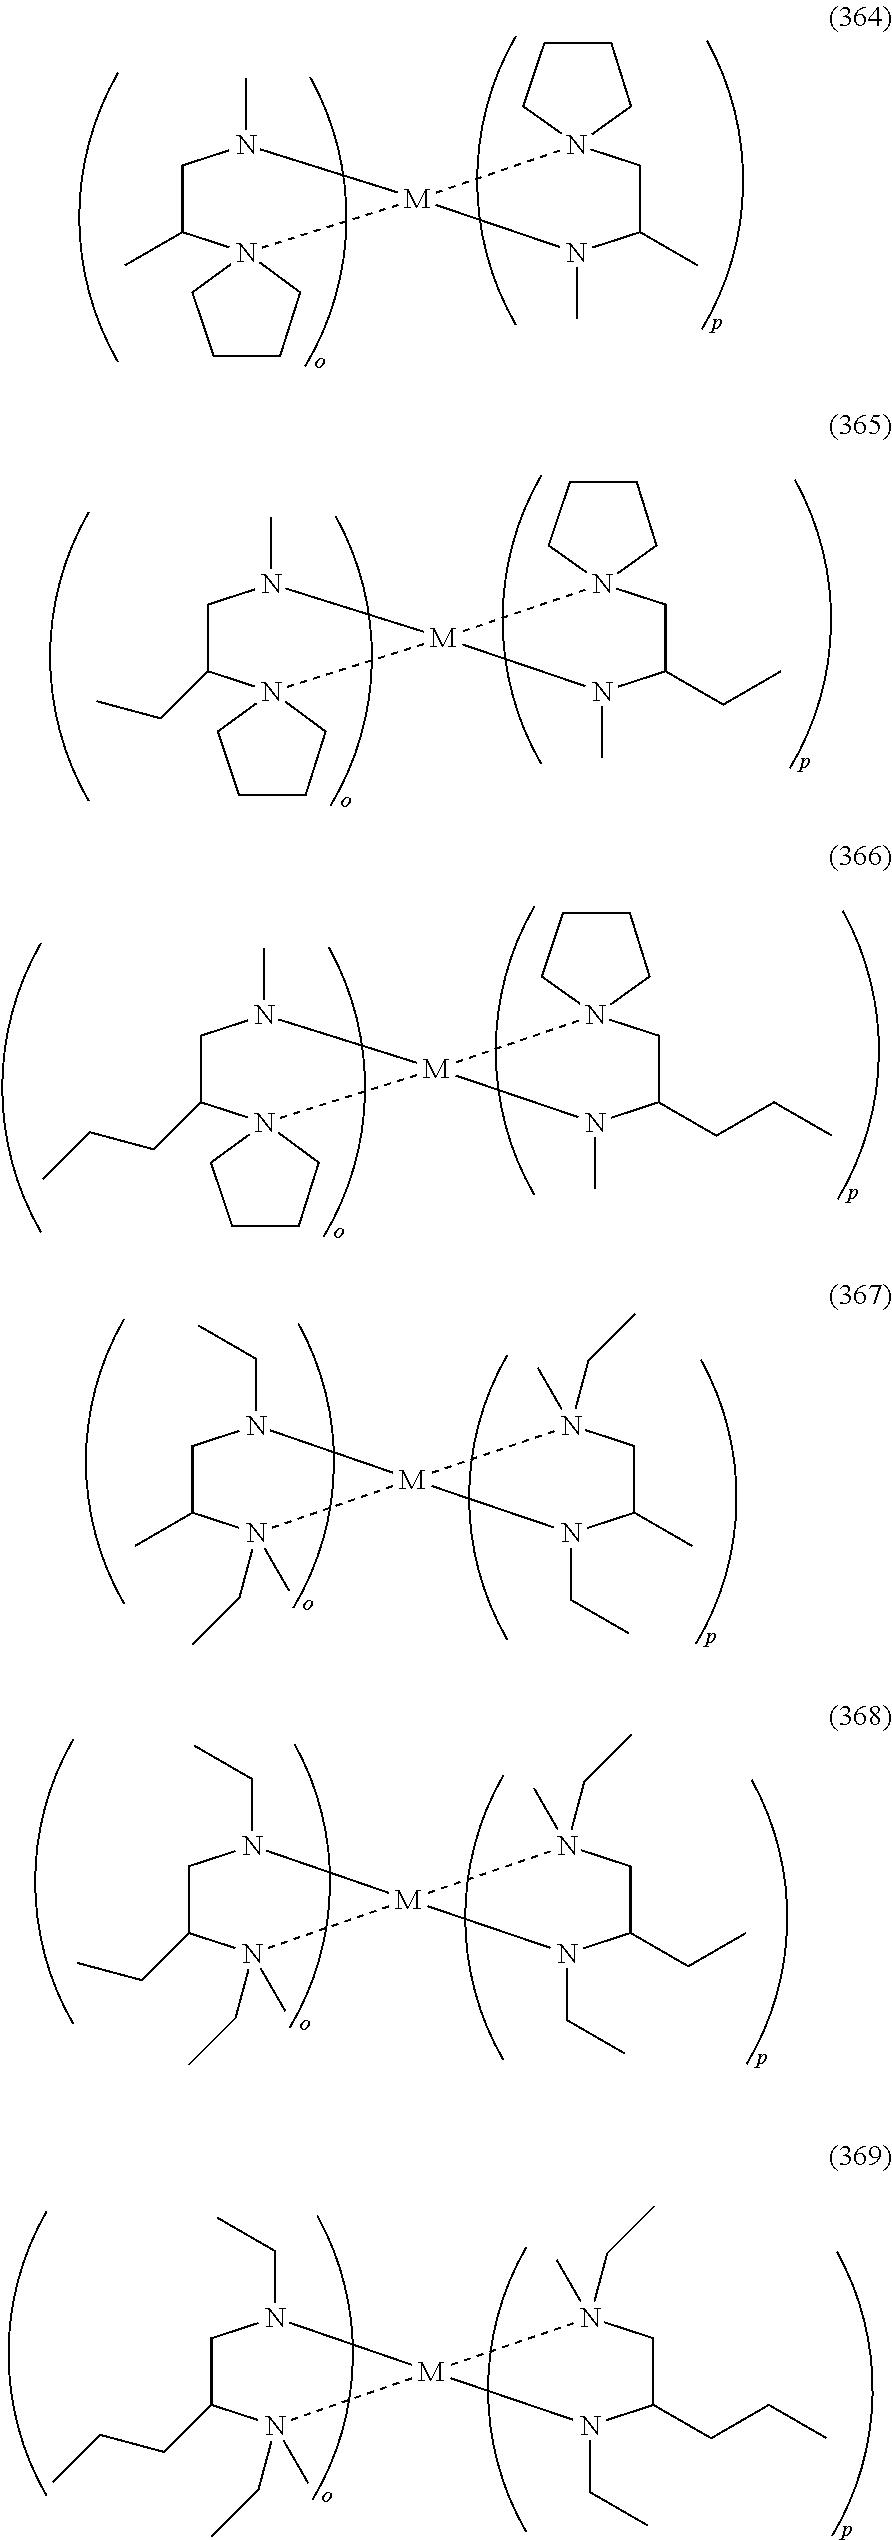 Figure US08871304-20141028-C00070